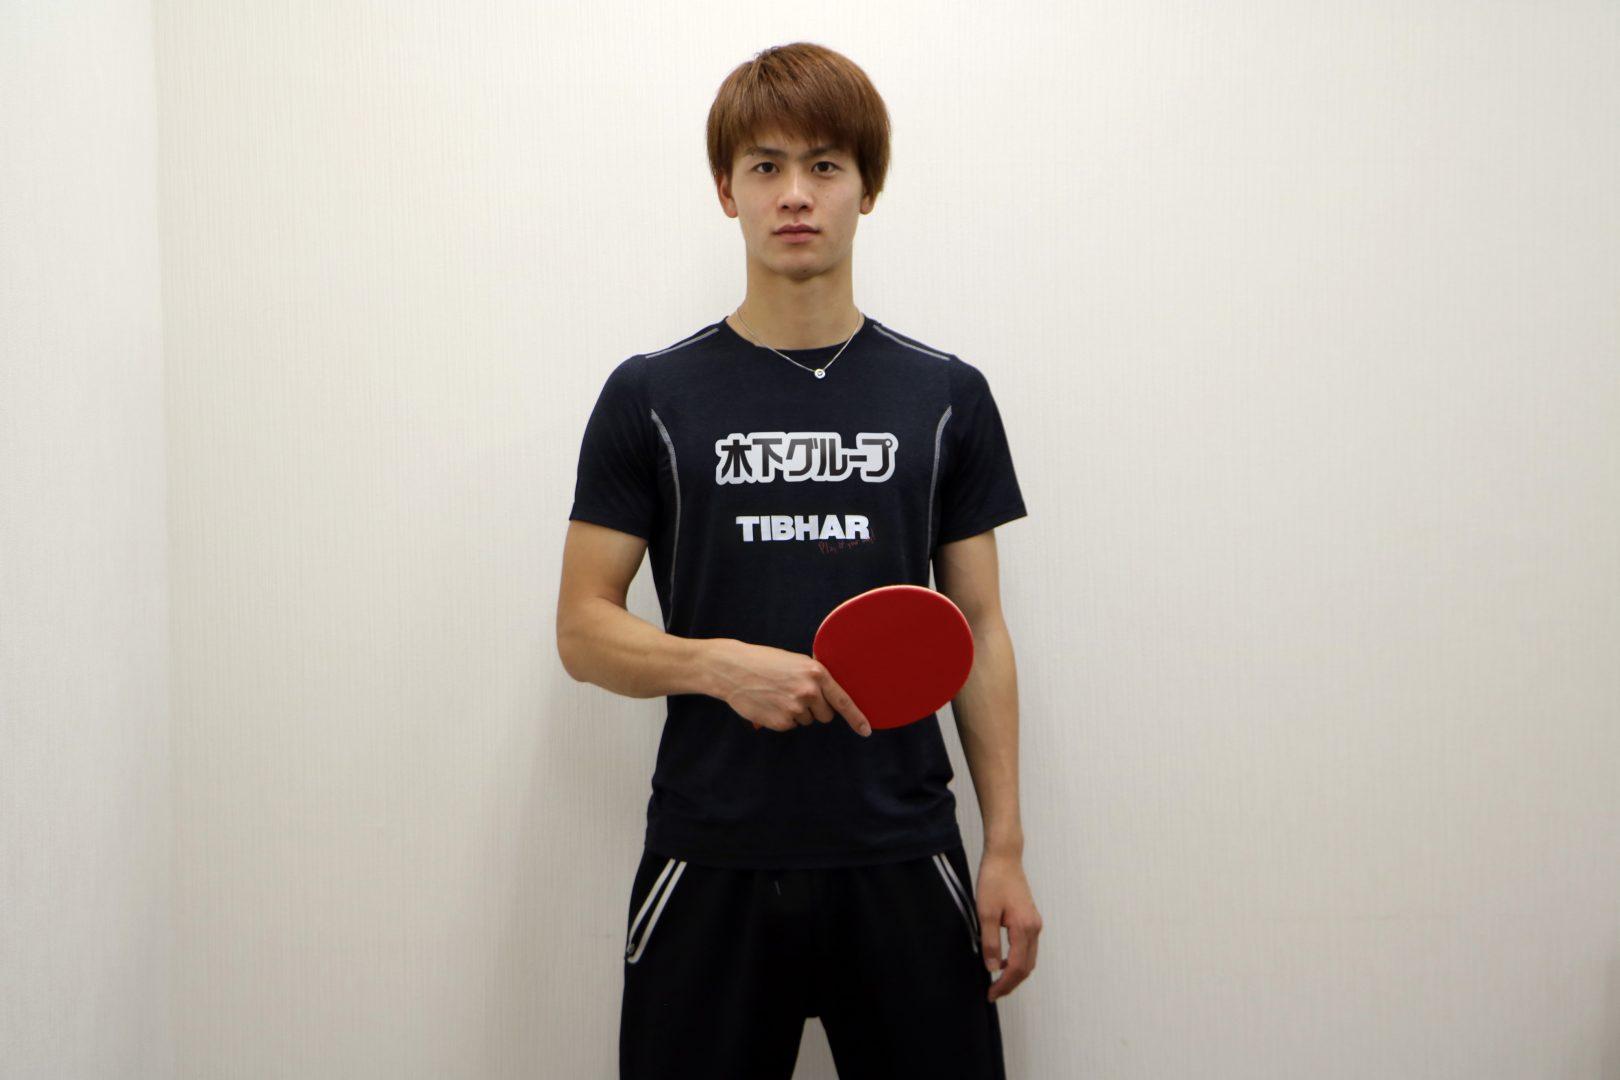 【卓球】Tリーガー田添響 個人で日本初、独ティバー社と用具契約